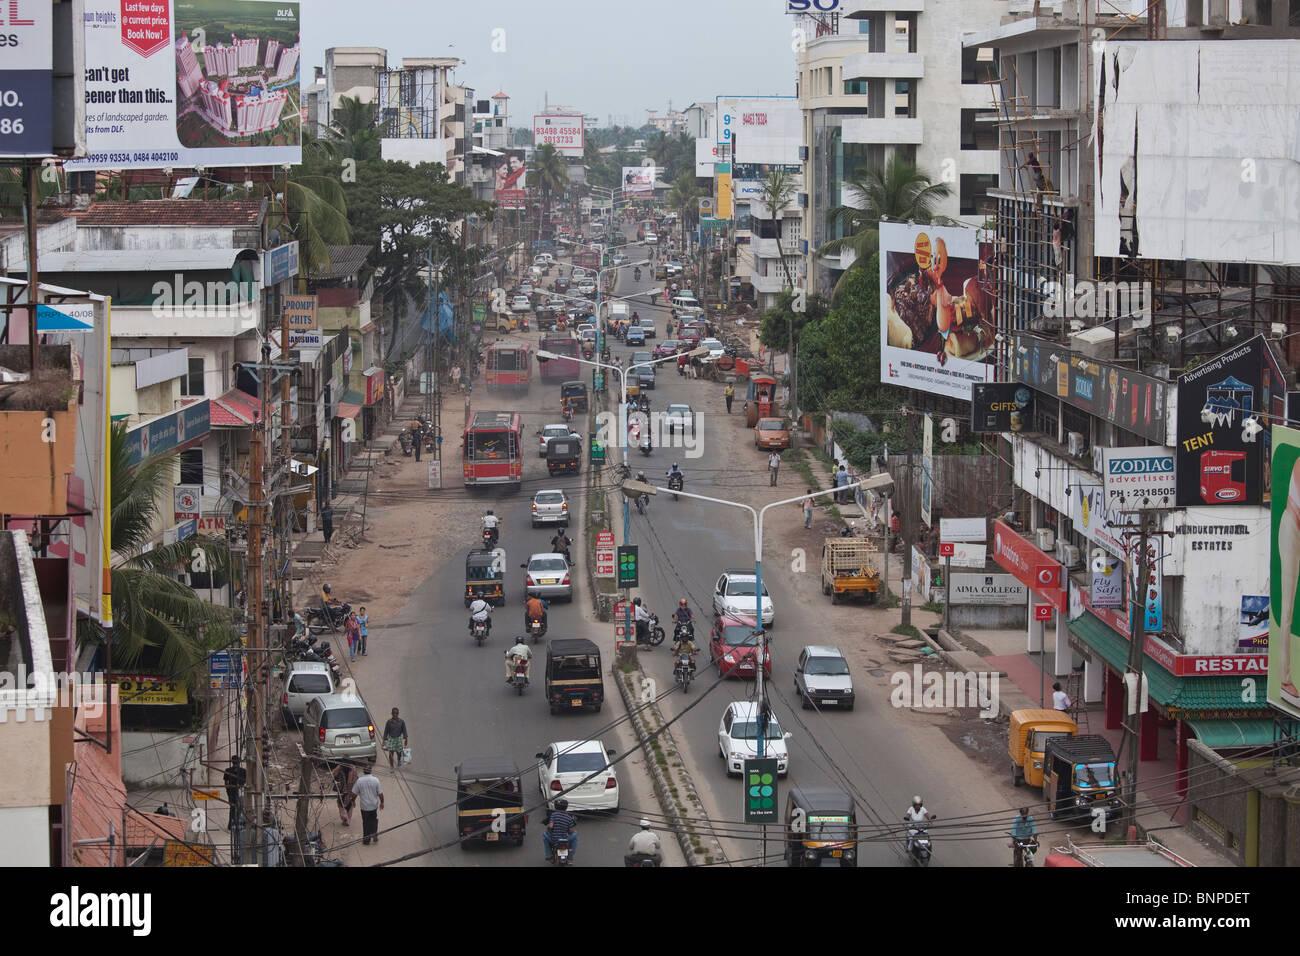 Troppo traffico motorizzato in India provoca il caos sull'inadeguato sistema stradale. Kochi, Kerala, India Immagini Stock